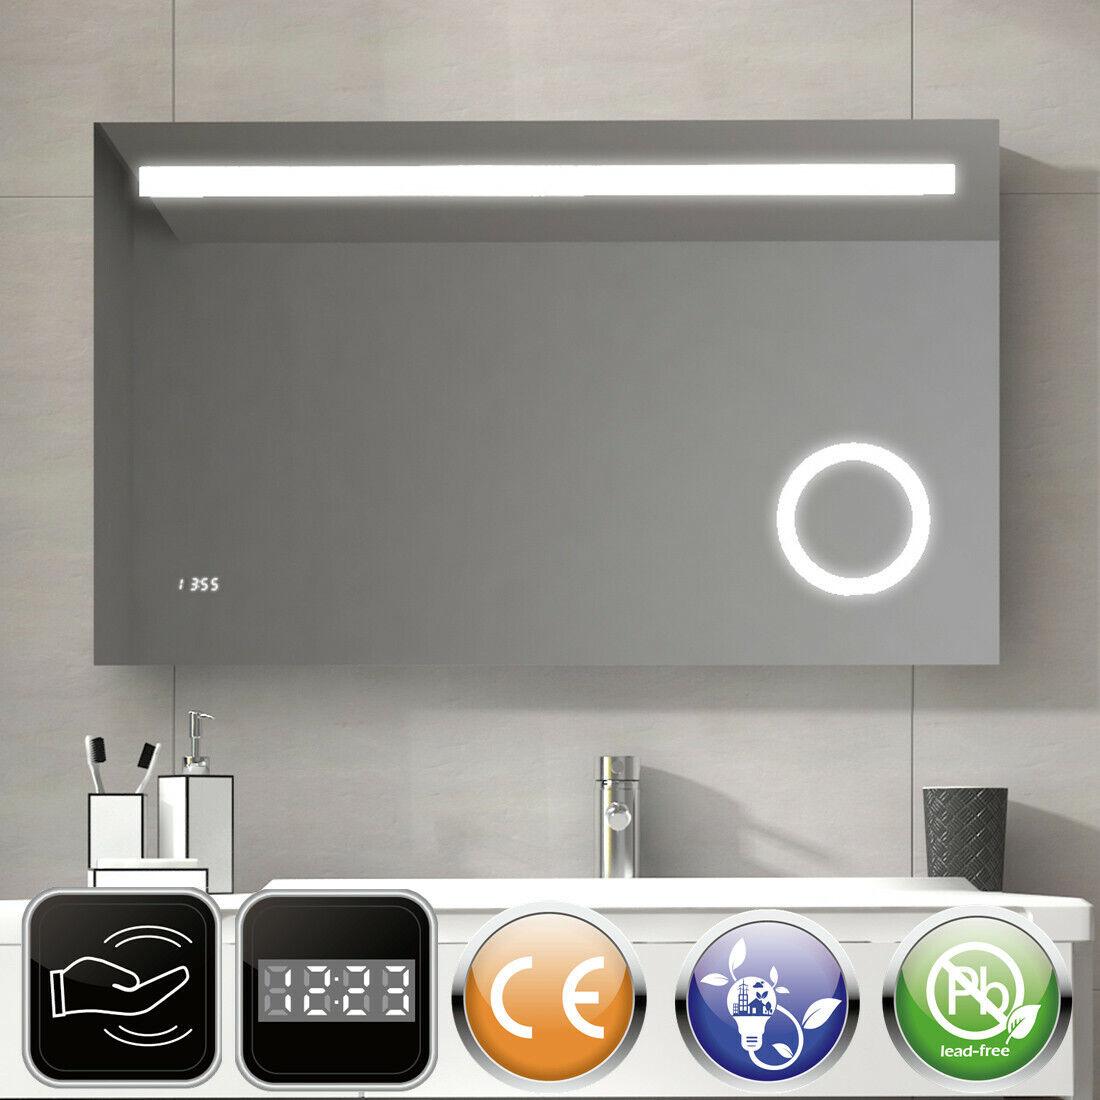 LED Hängeleuchte Pia Holz Buchefarben Lampenwelt Balkenpendelleuchte Esszimmer